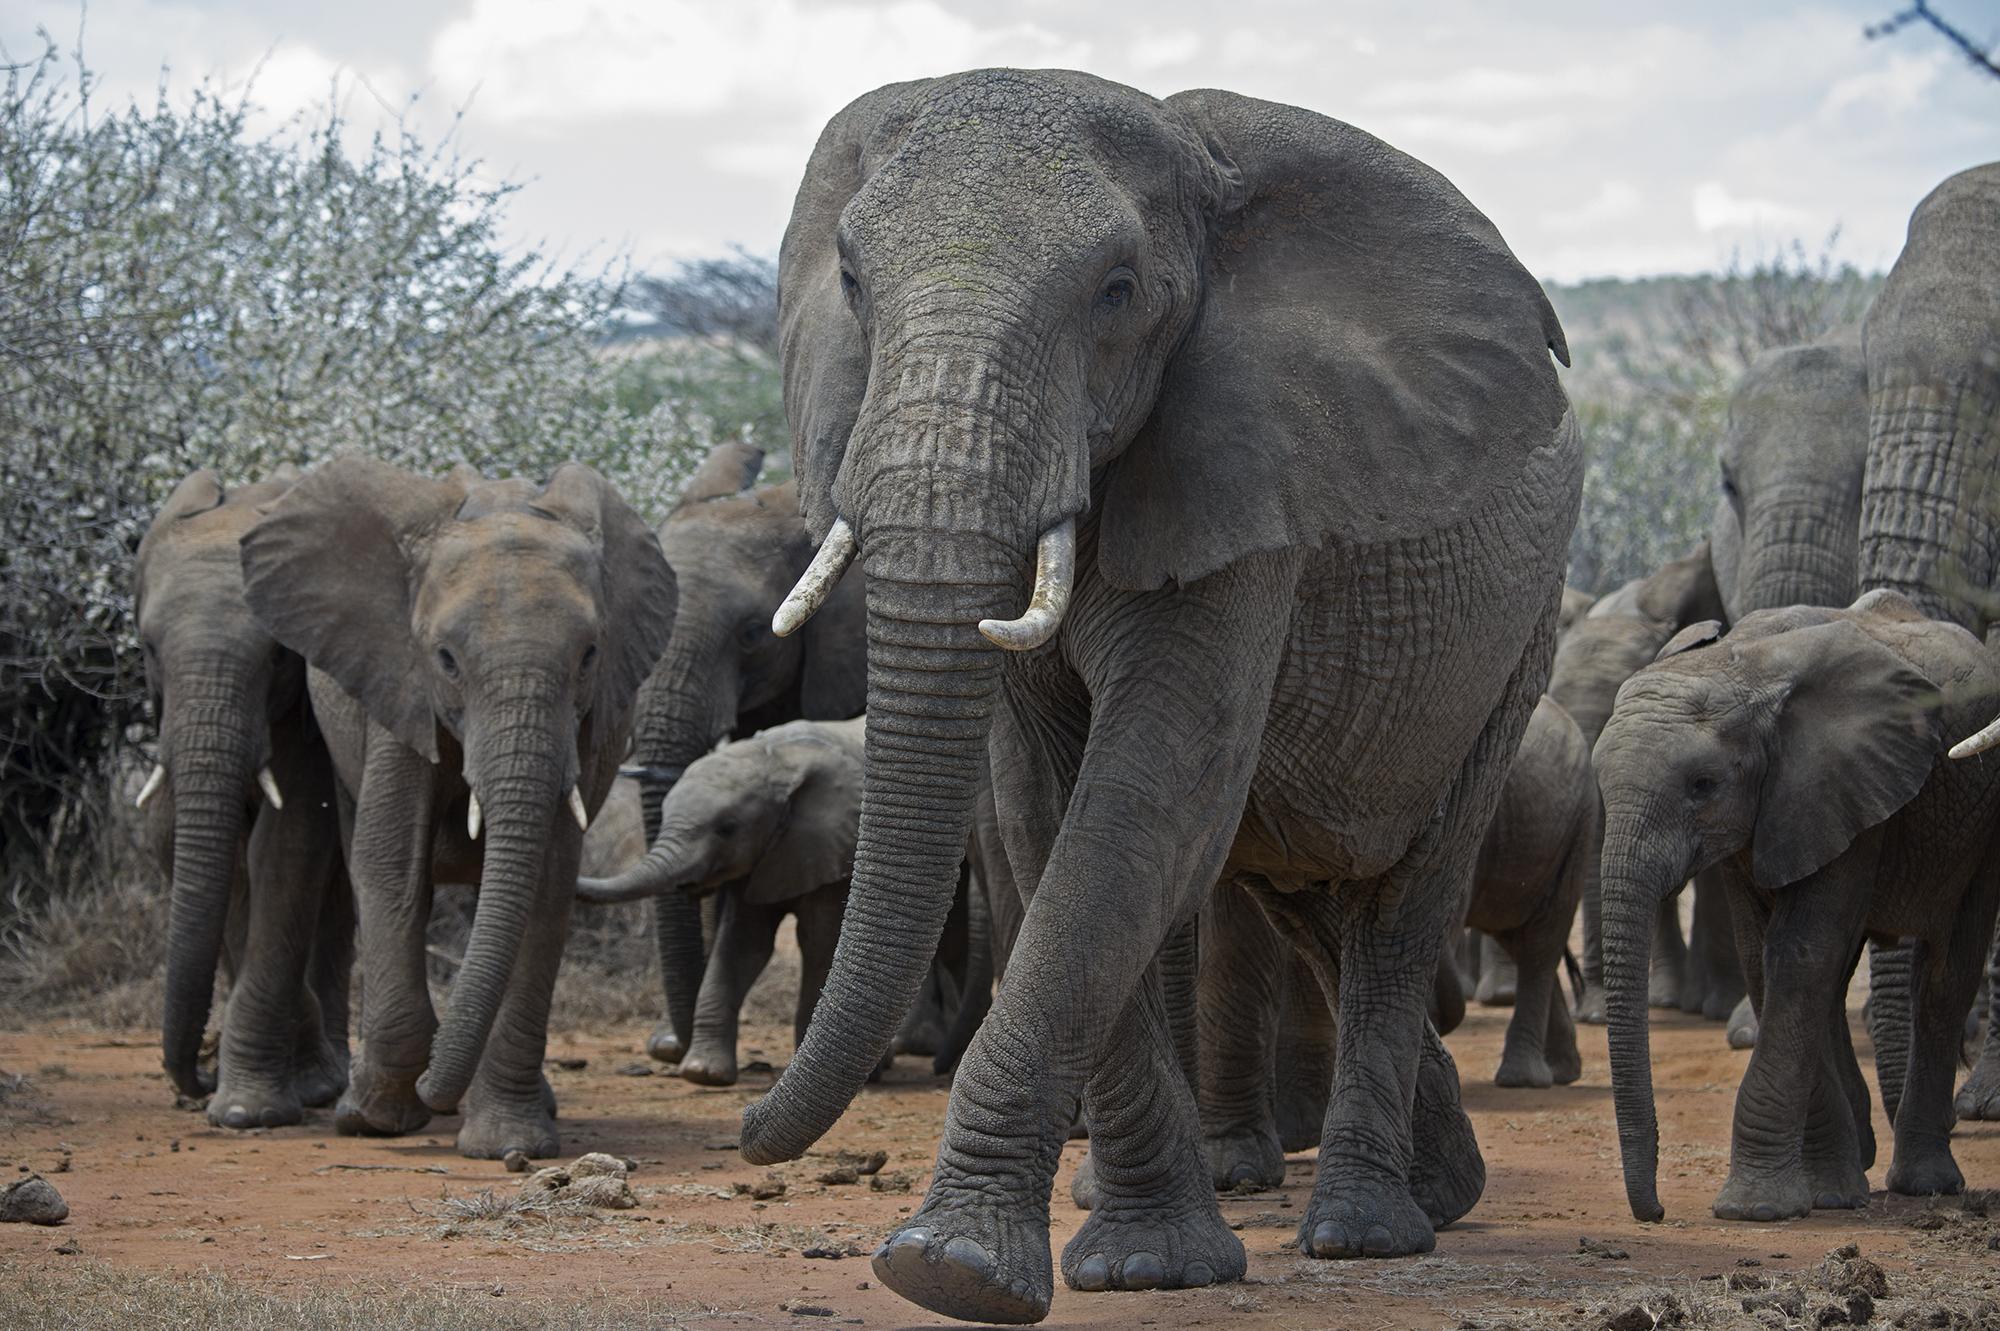 1-Julie-Larsen-Maher_6422_African-Elephants_KEN_03-09-14